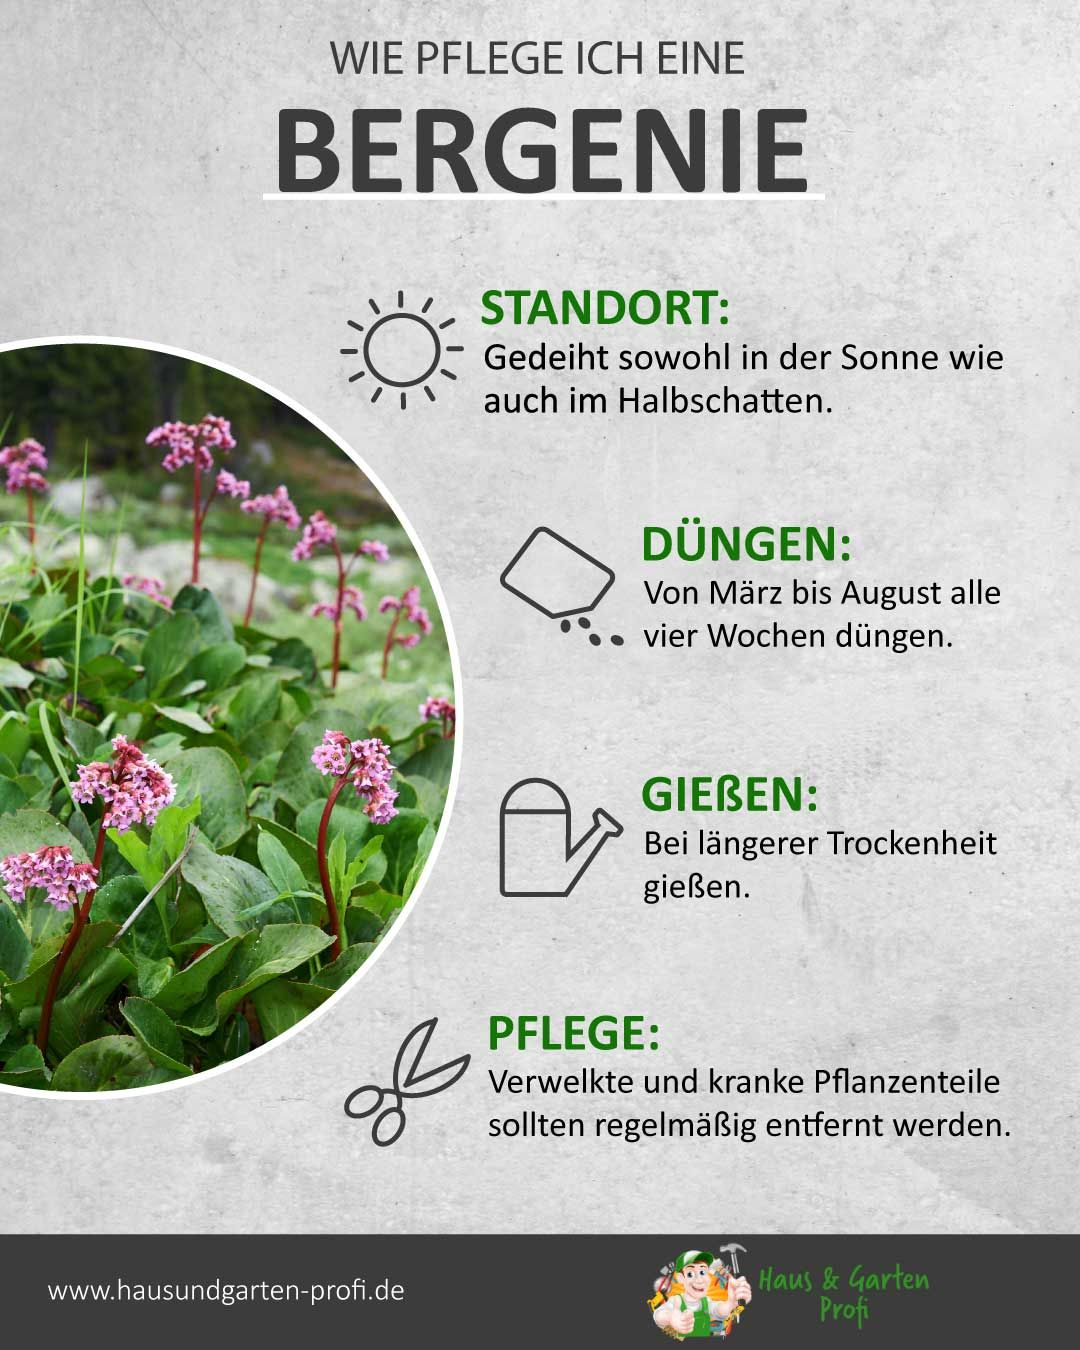 Bergenie: So einfach kann es gehen (Standort, Düngen, Gießen, Pflege)